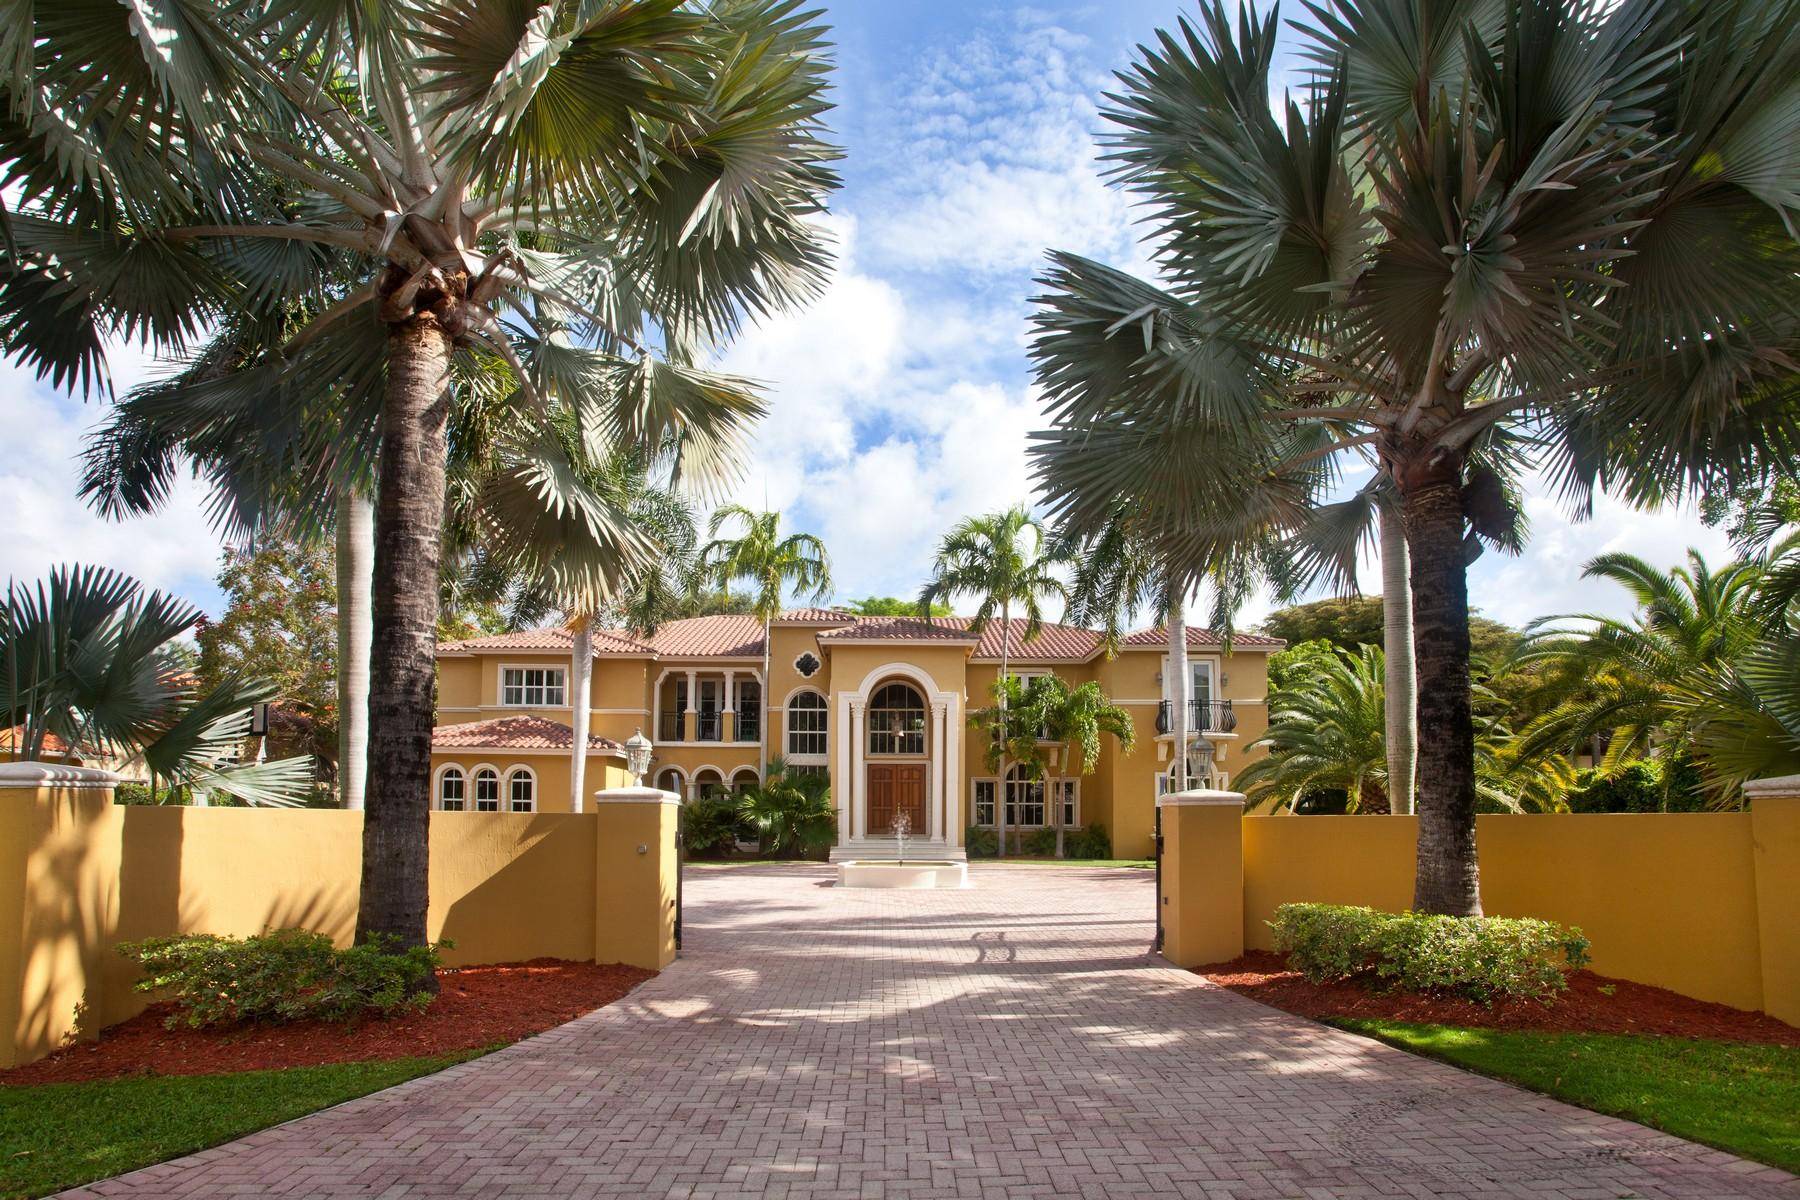 Villa per Vendita alle ore 6065 Sw 116th St Pinecrest, Florida, 33156 Stati Uniti